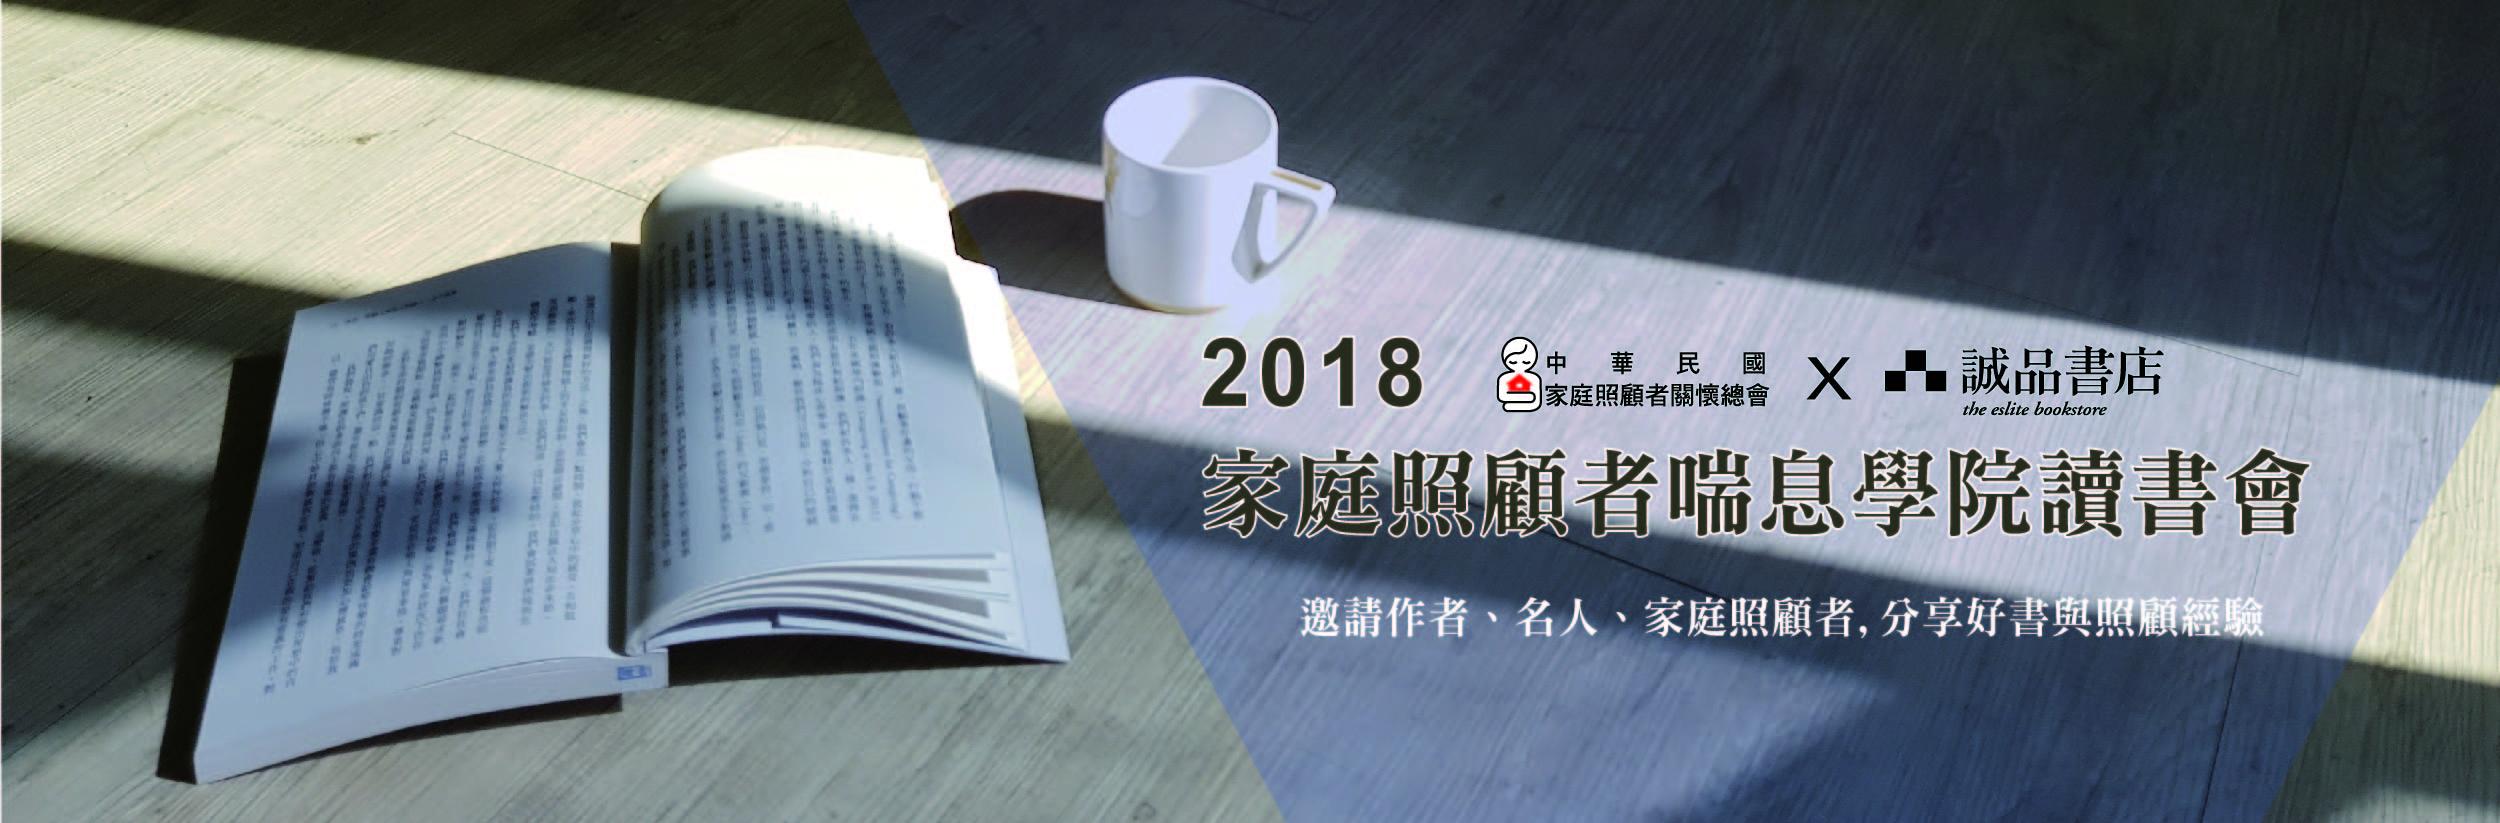 2018喘息學院讀書會